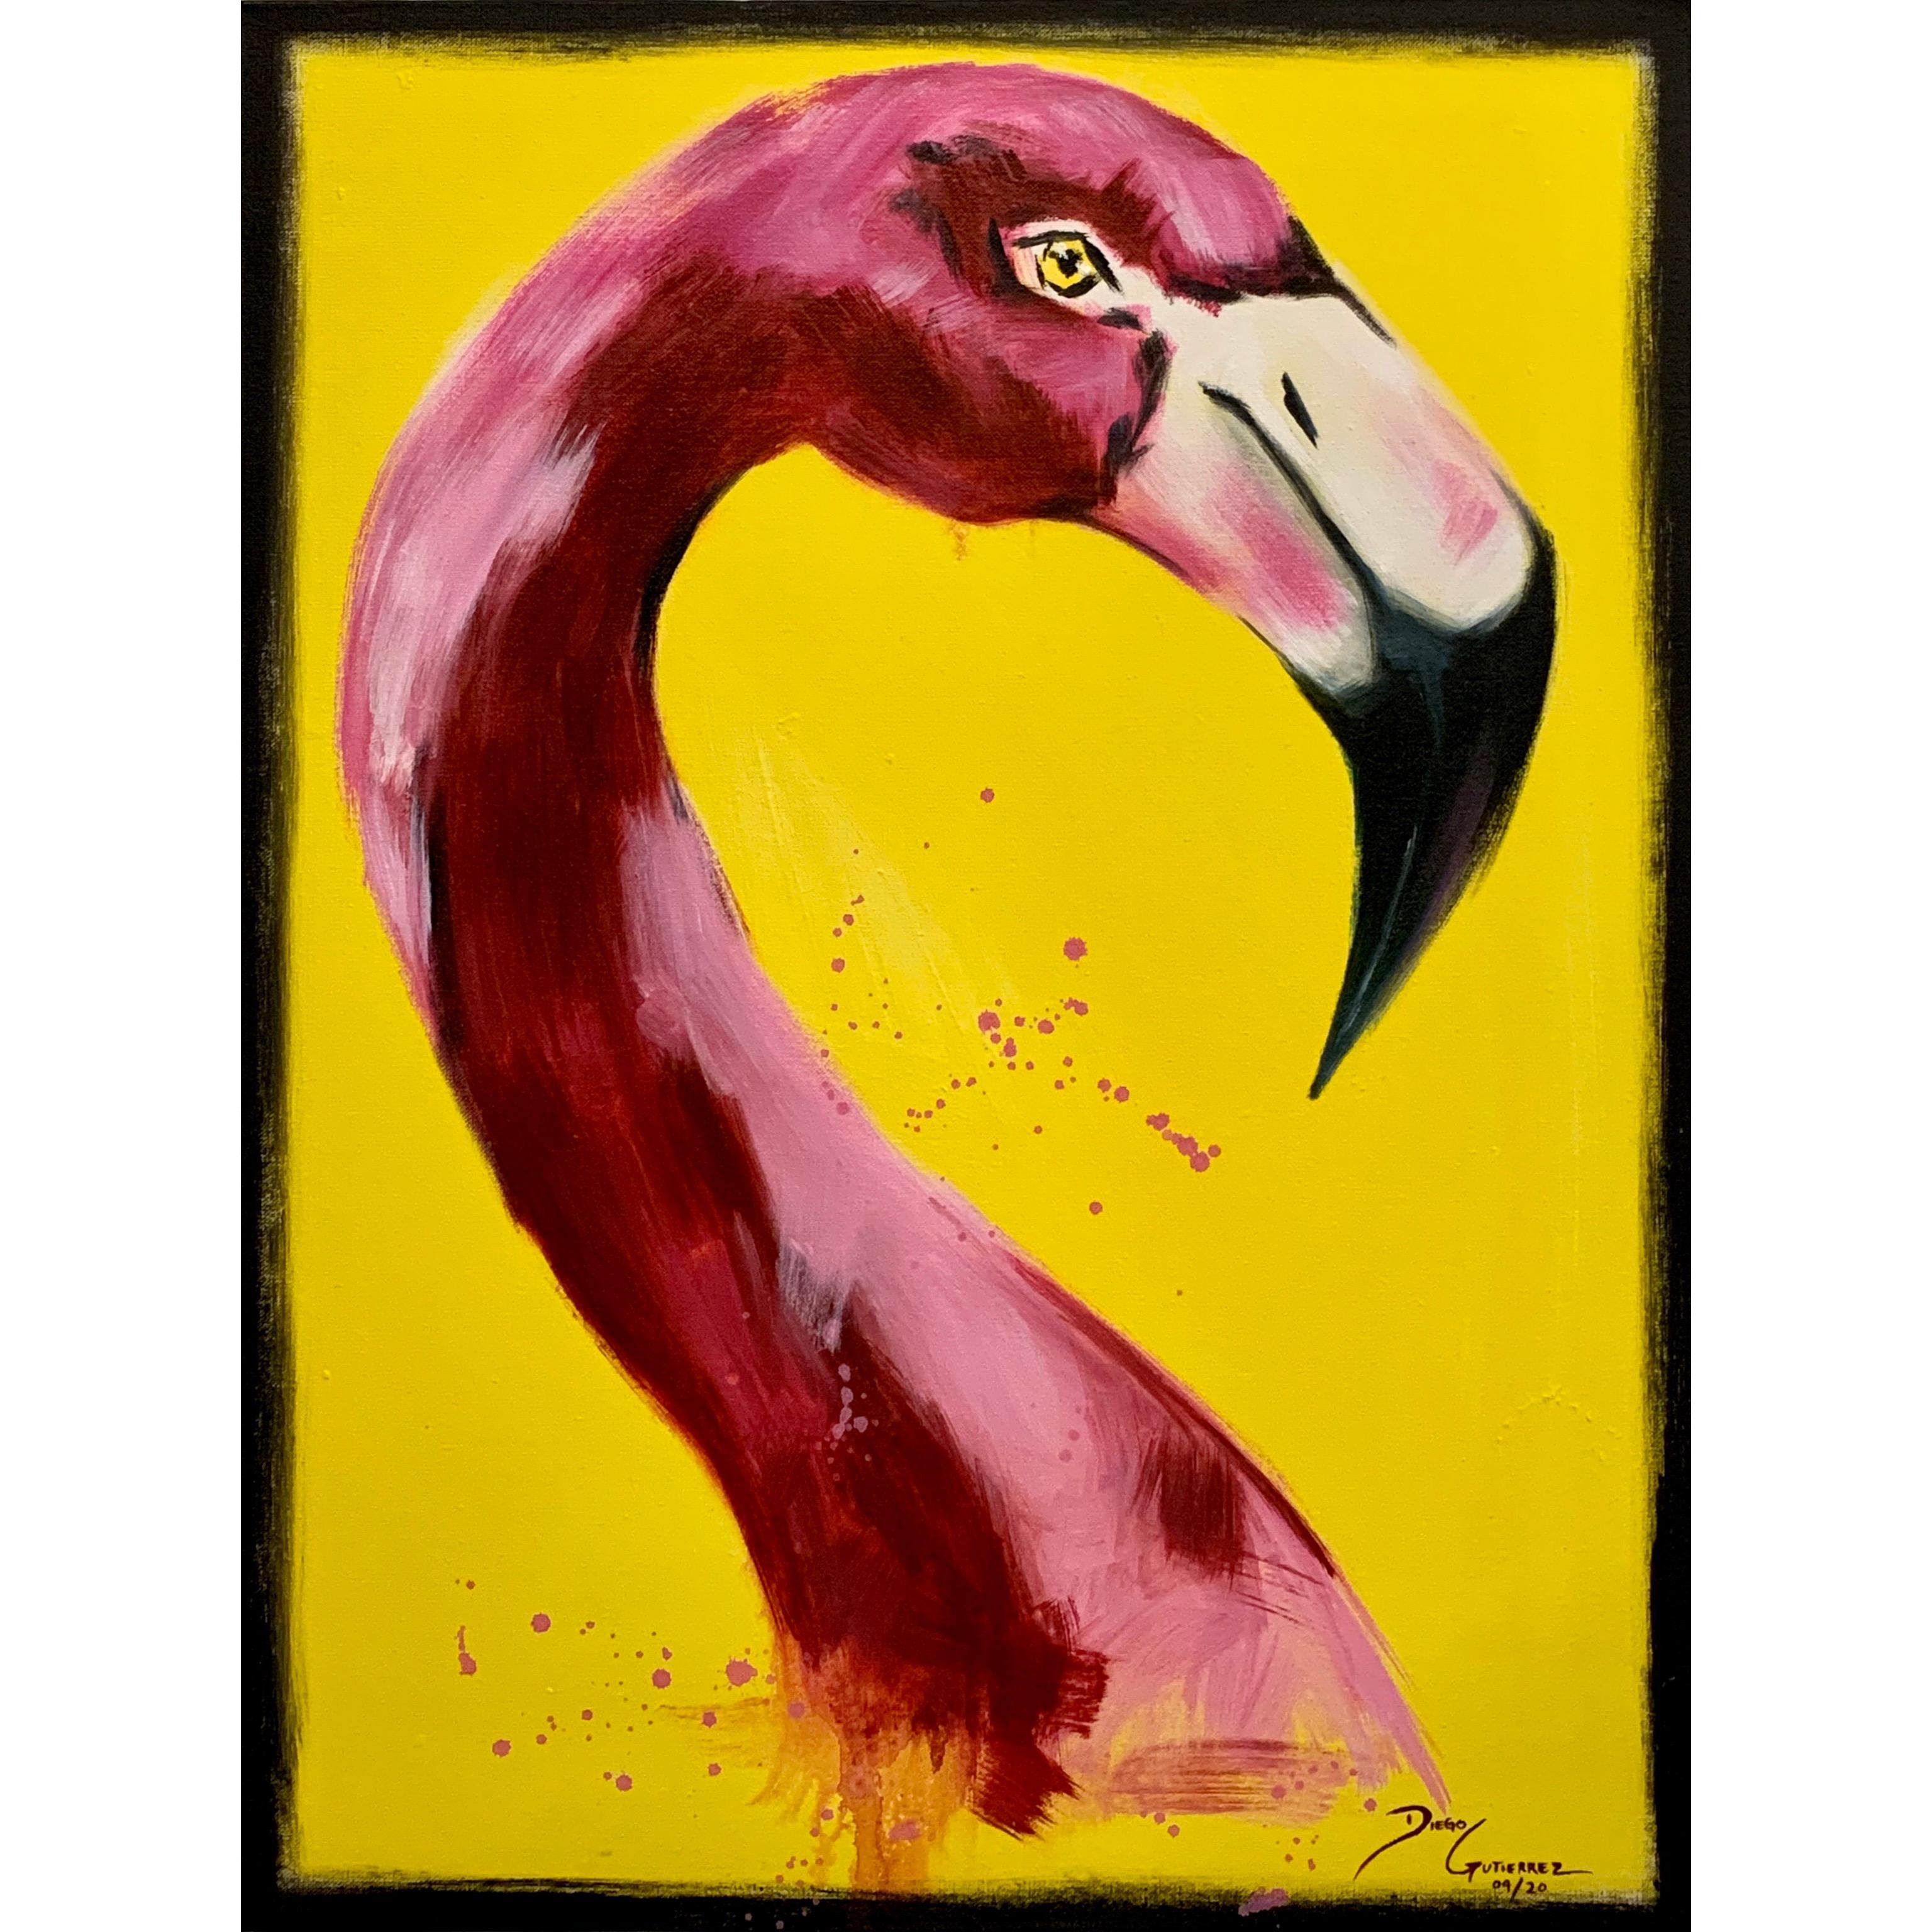 diego-gutierrez-gallery-animals-flamingo-03